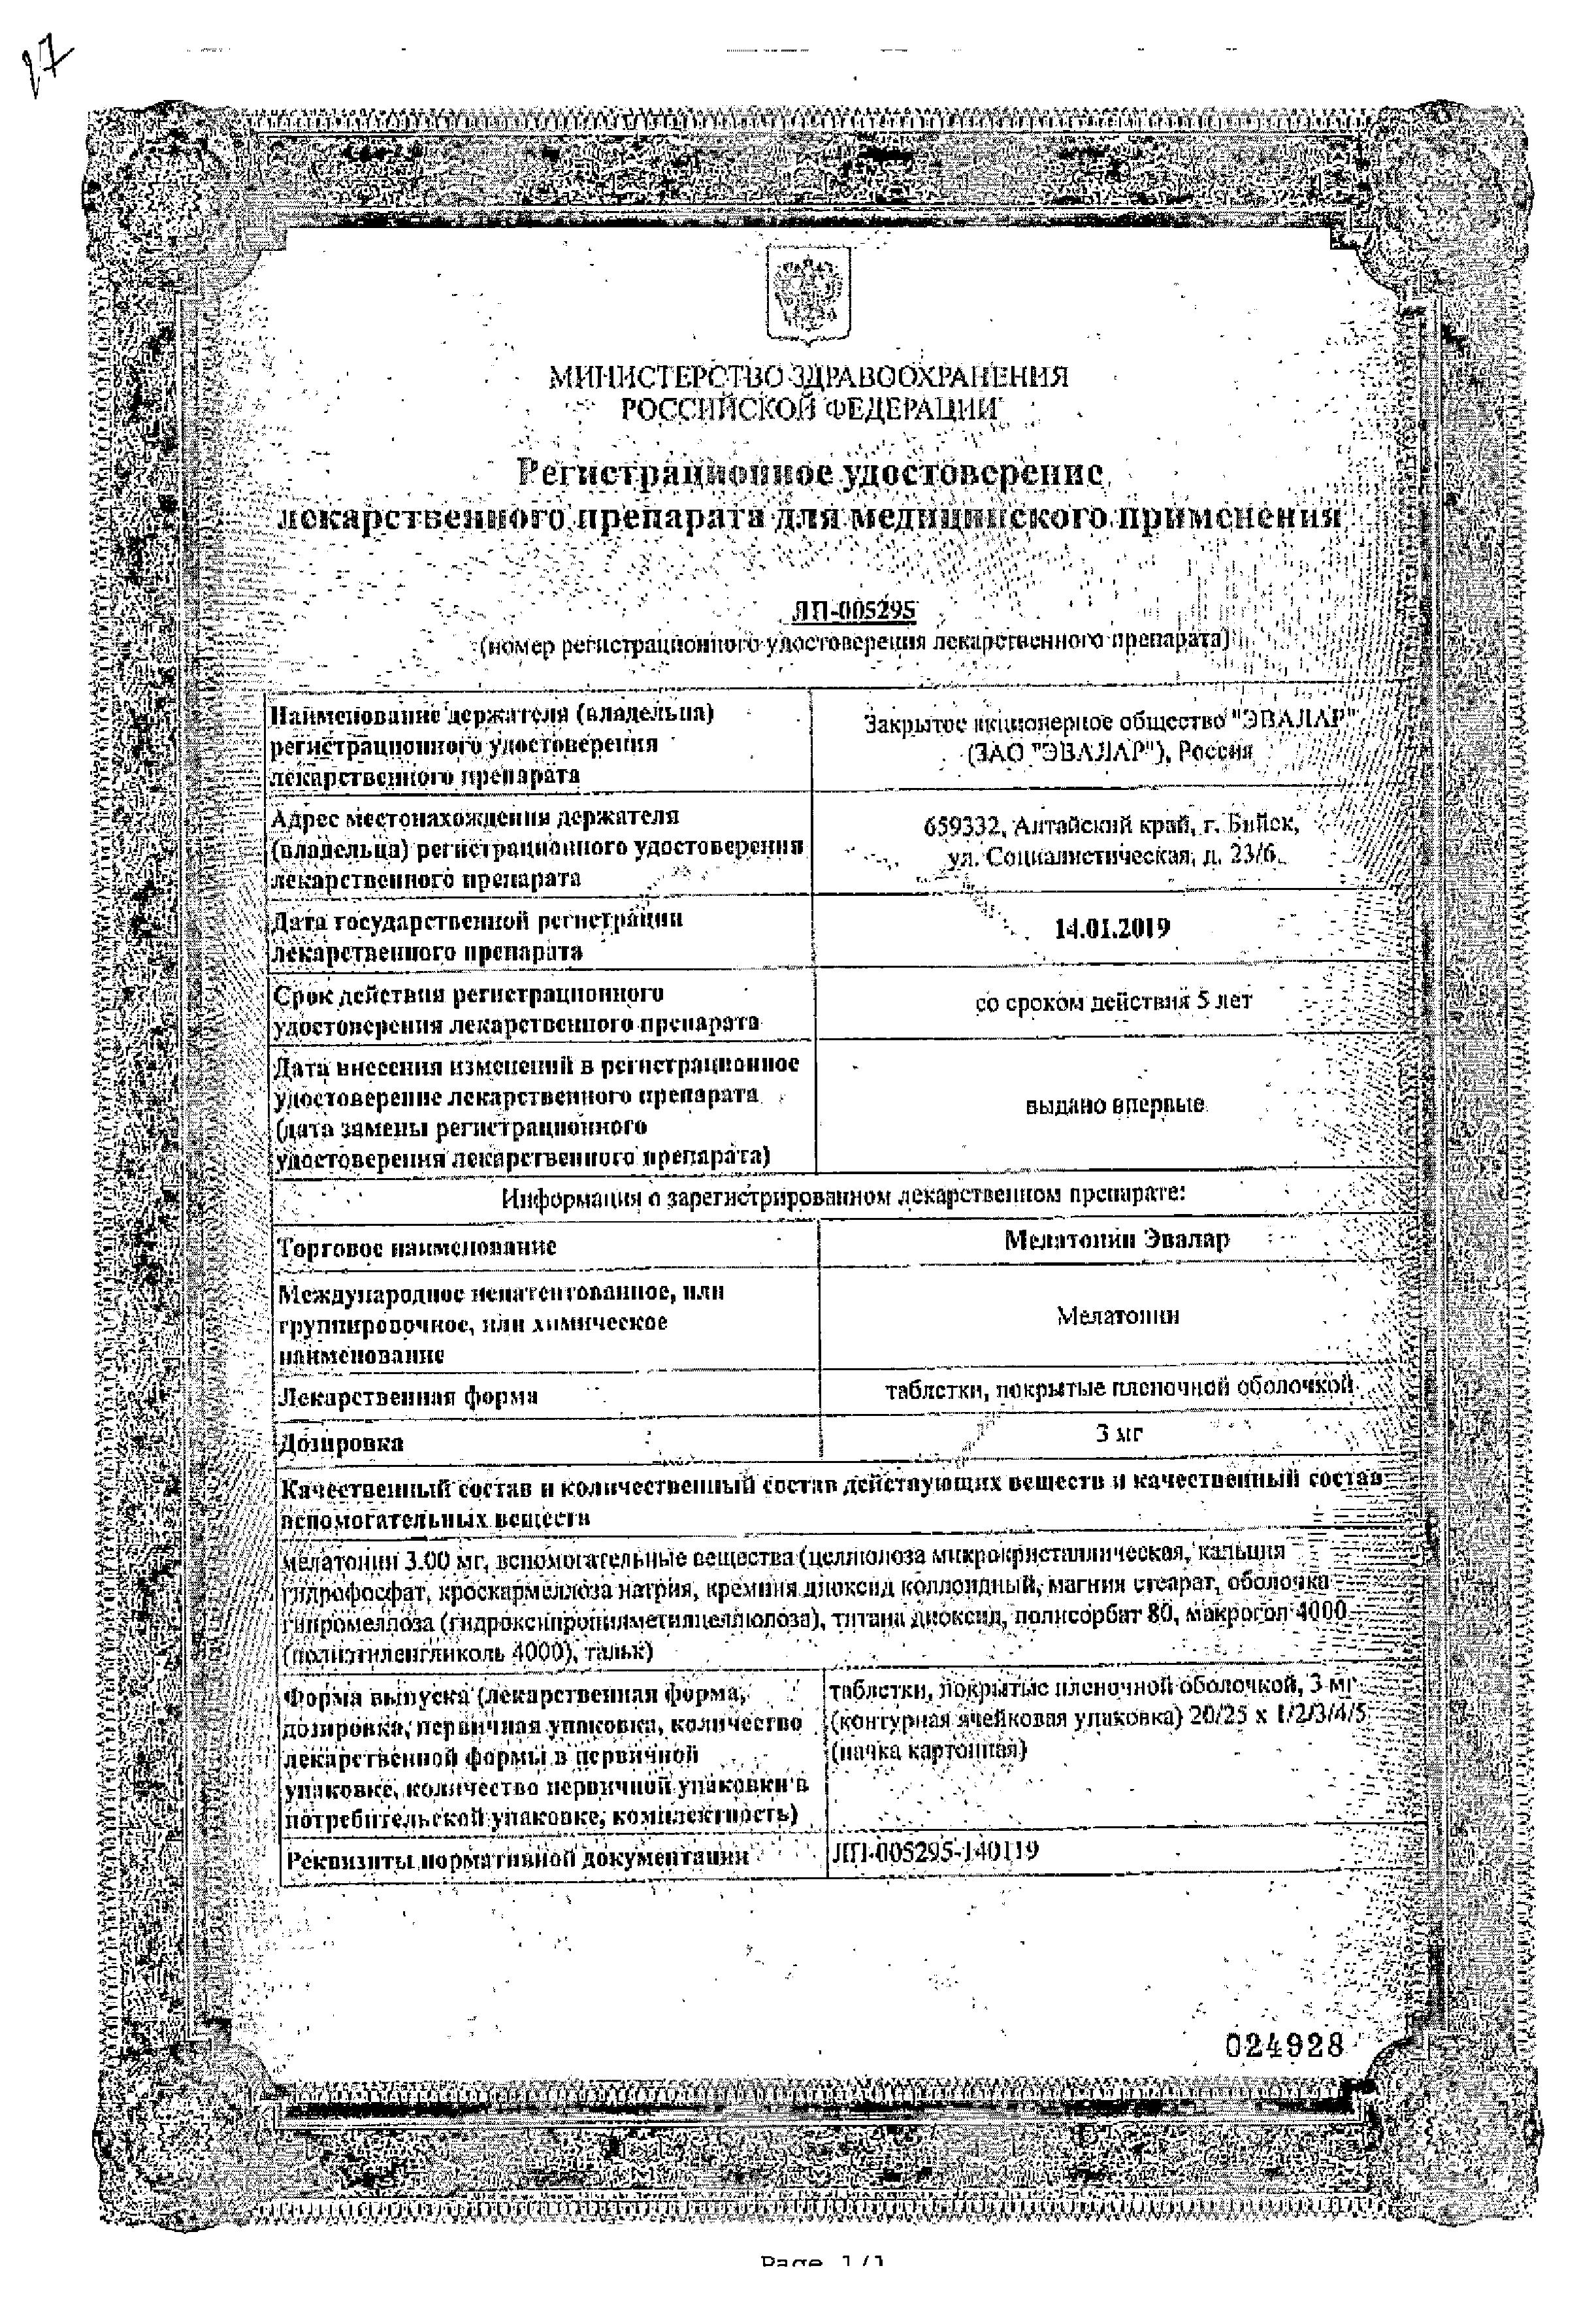 Мелатонин сертификат